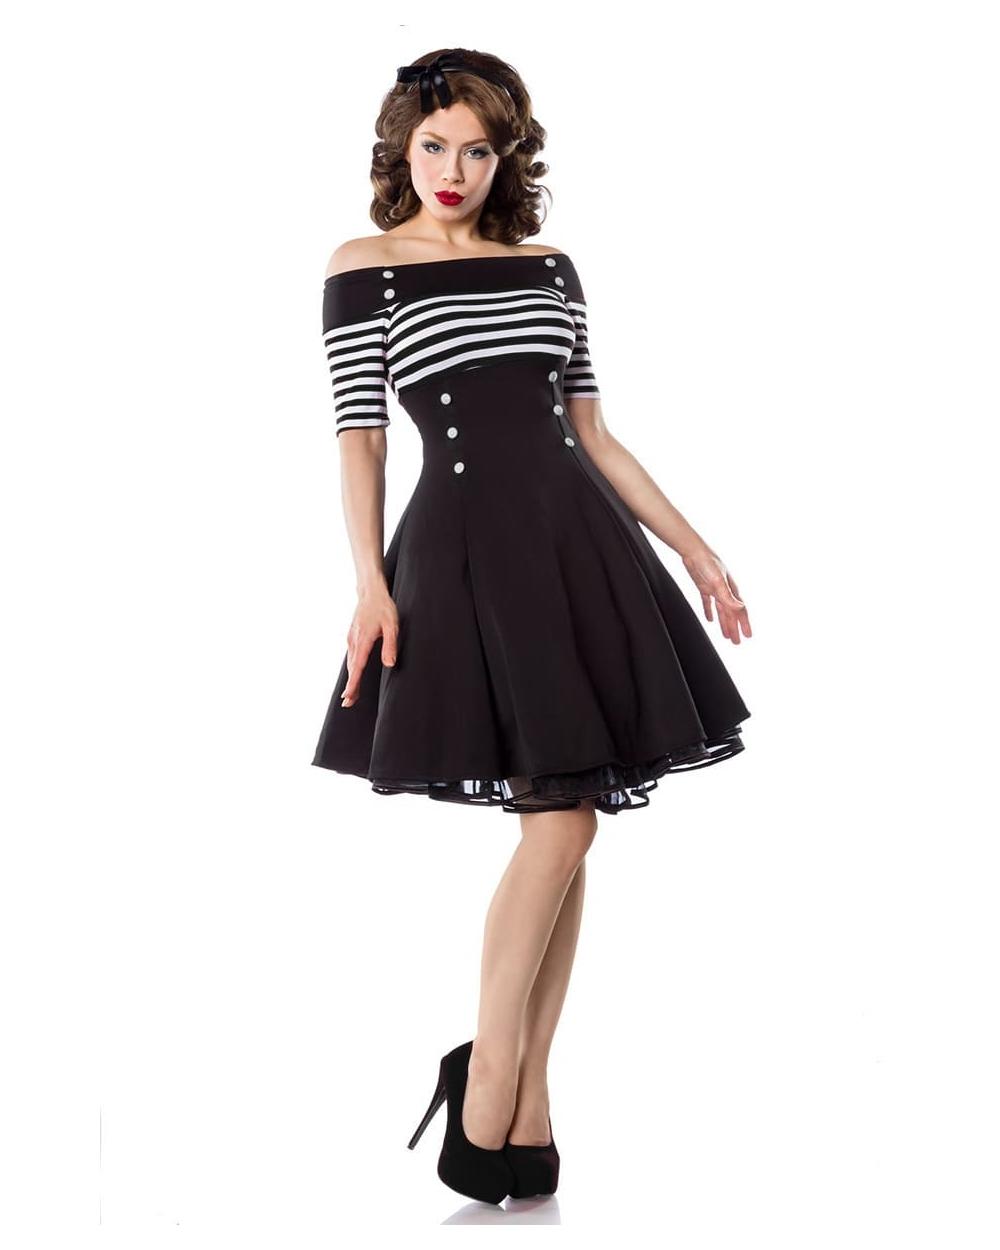 timeless design 9bb20 efd03 Schulterfreies Vintage Kleid schwarz weiß gestreift - XS bis 3XL